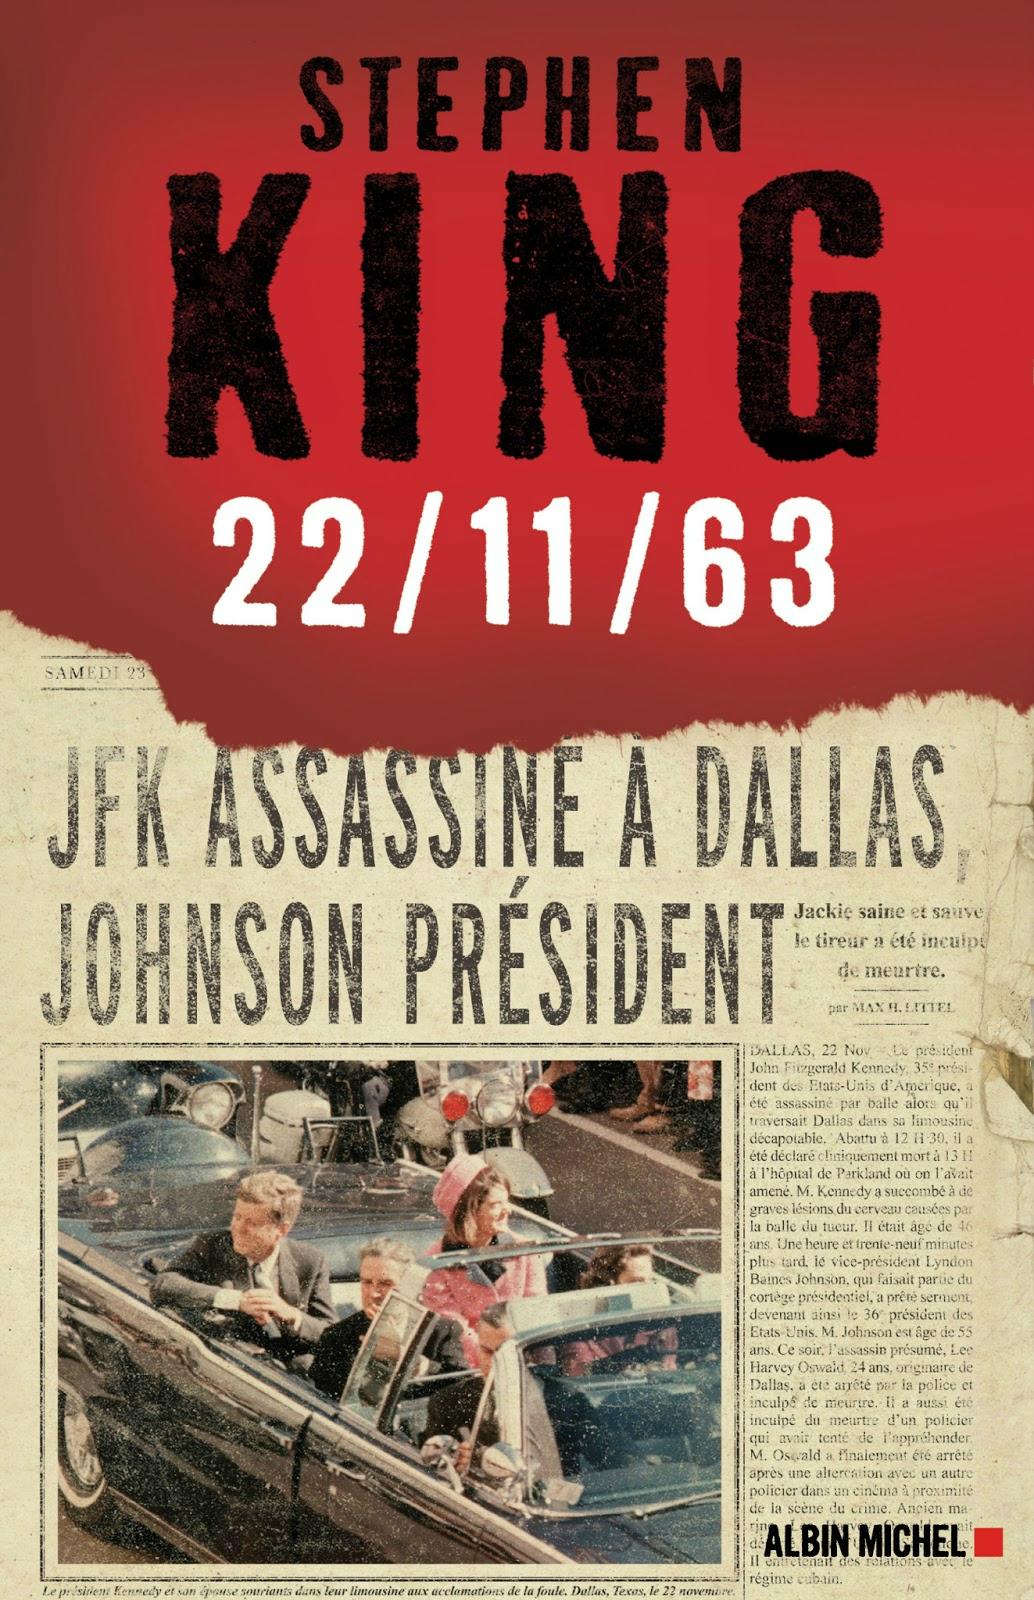 La couv française de 22/11/63 du King paru chez Albin Michel